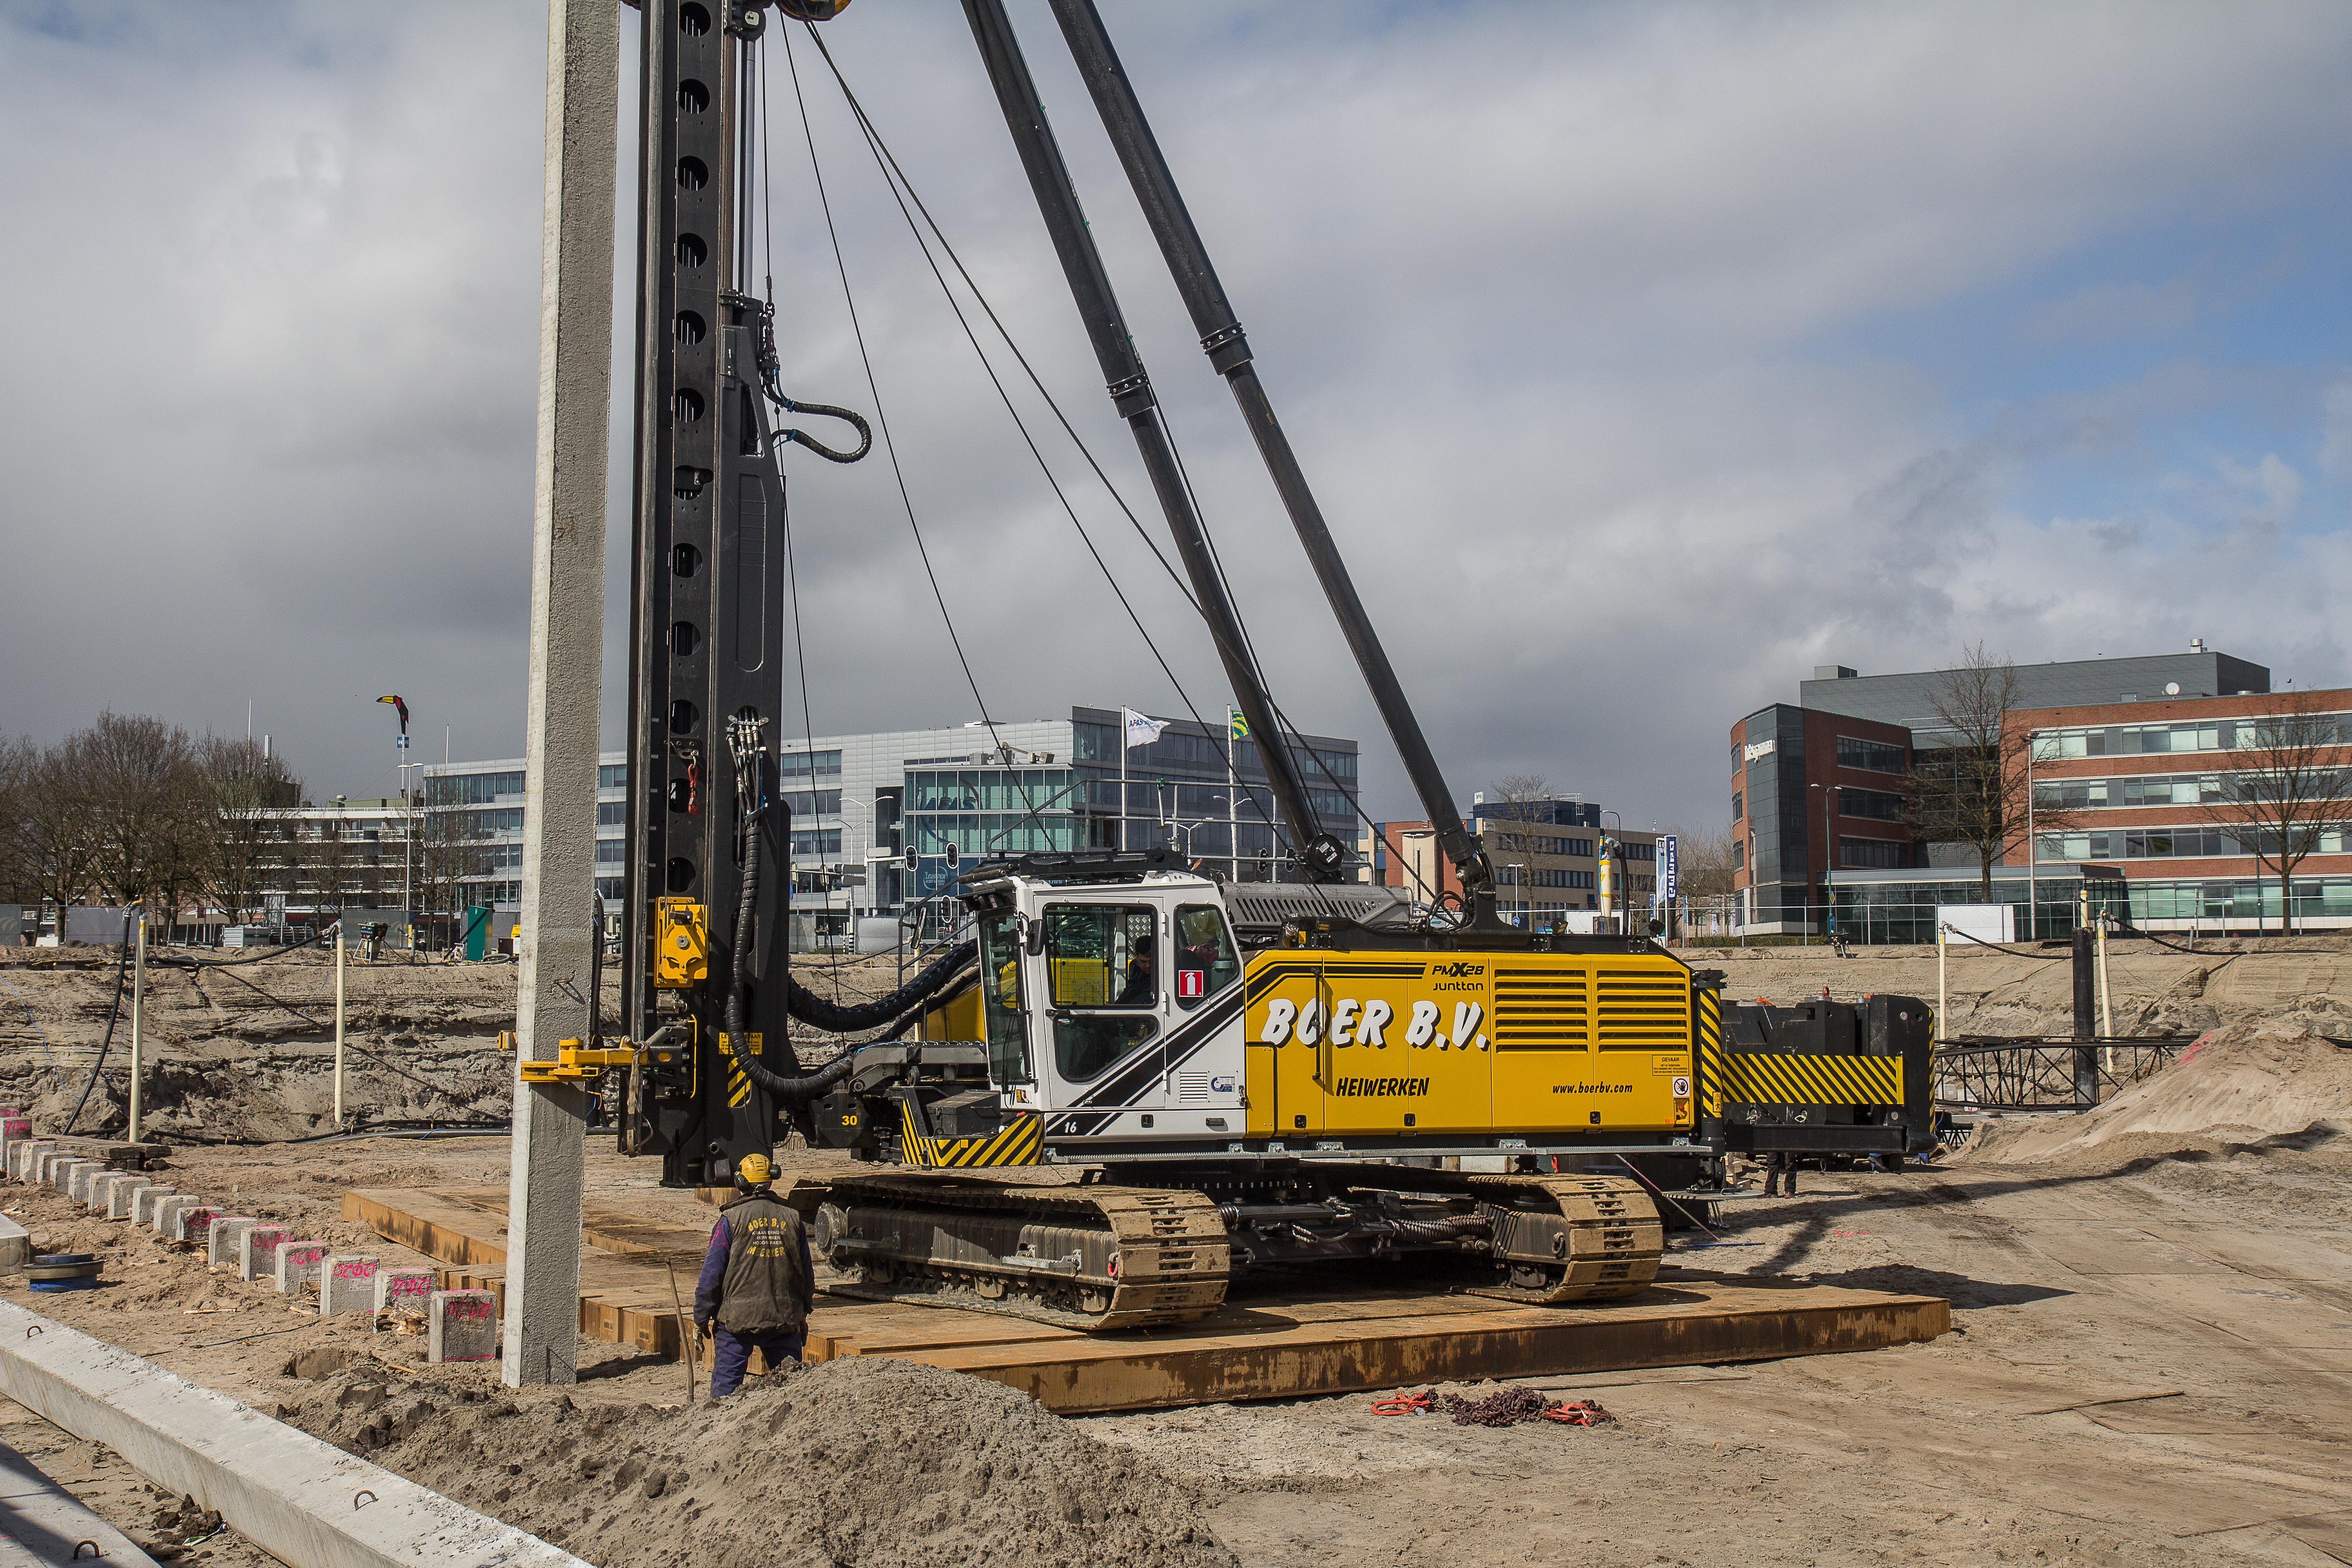 <p>Aangescherpte normen vergroten de vraag naar zwaarder heiwerk, merkt Boer B.V. Reden voor het bedrijf om te investeren in een zwaardere heistelling: de Junttan PMx28. De eerste in Nederland en in de uitvoering met 10-tons hamer en 30 ton makelaarscapaciteit uniek.</p>